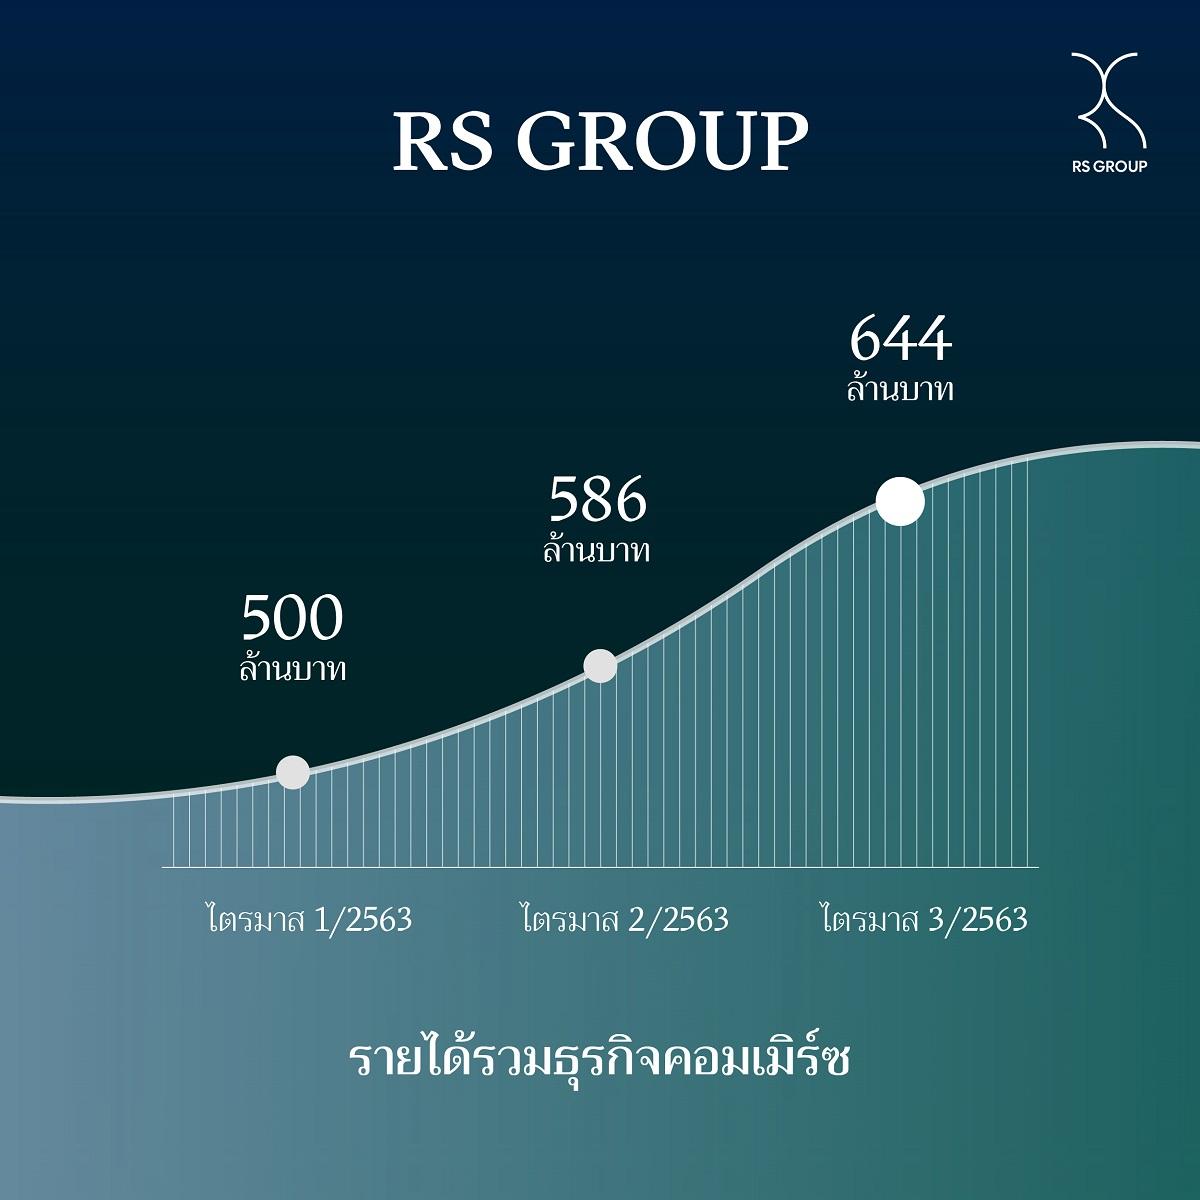 RS ธุรกิจพาณิชย์